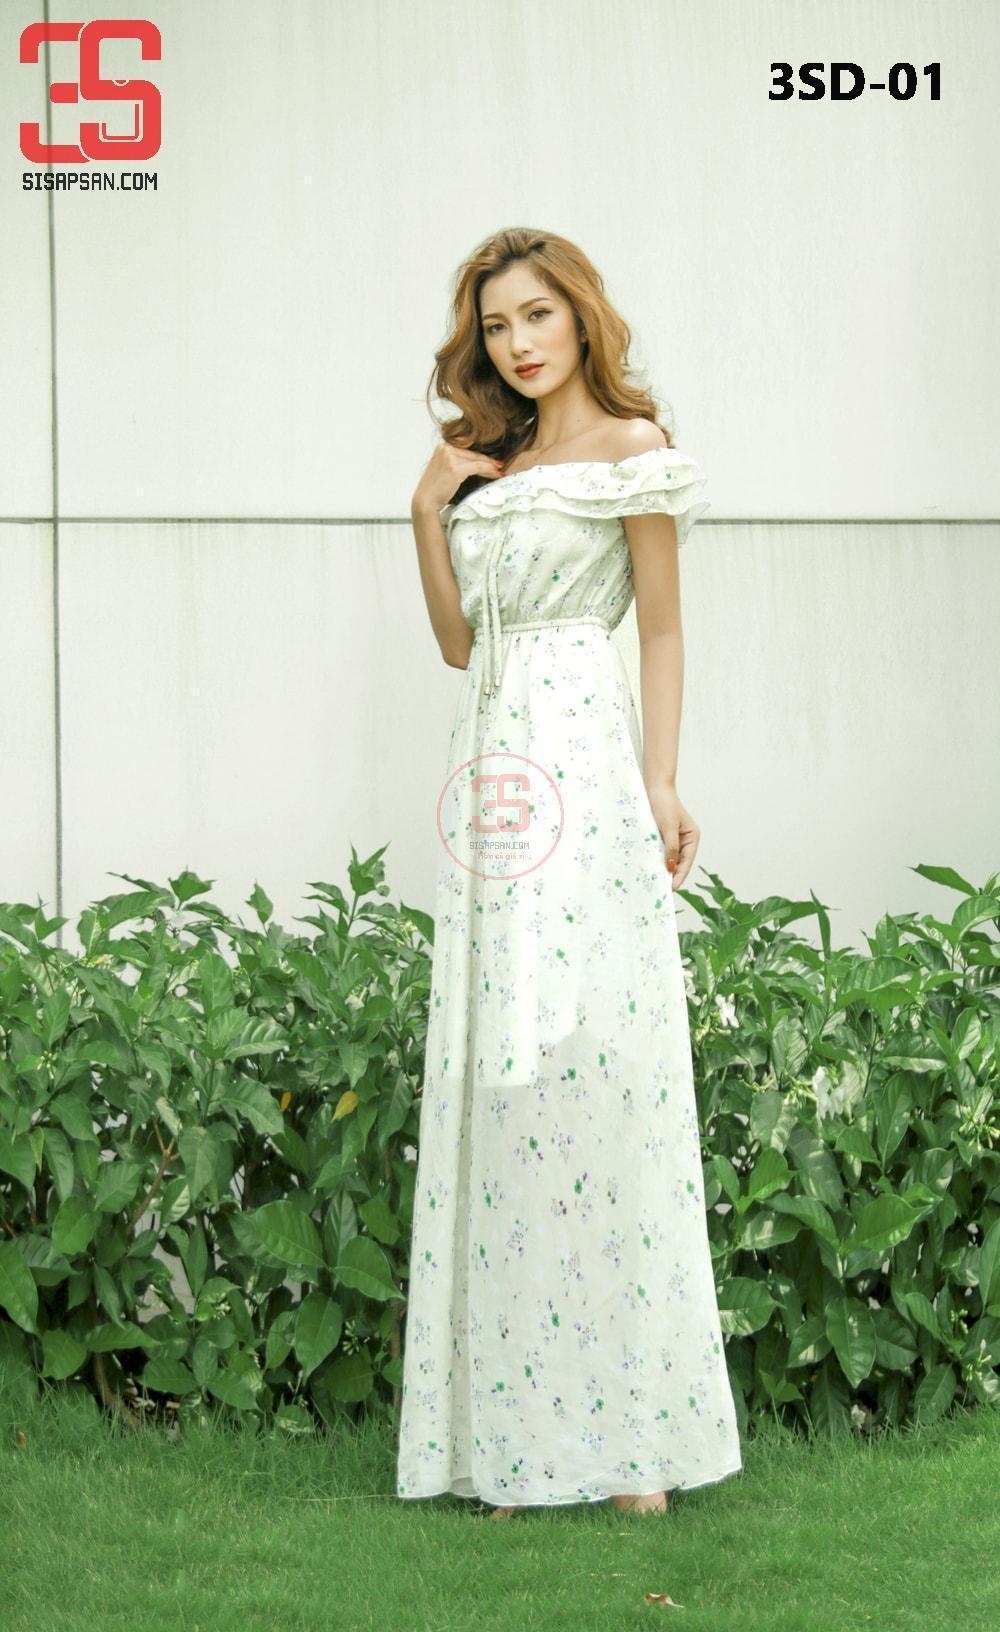 Đầm Maxi Trễ Vai Hoa - Hàng Thiết Kế 3SD-01 giá sỉ, giá bán buôn